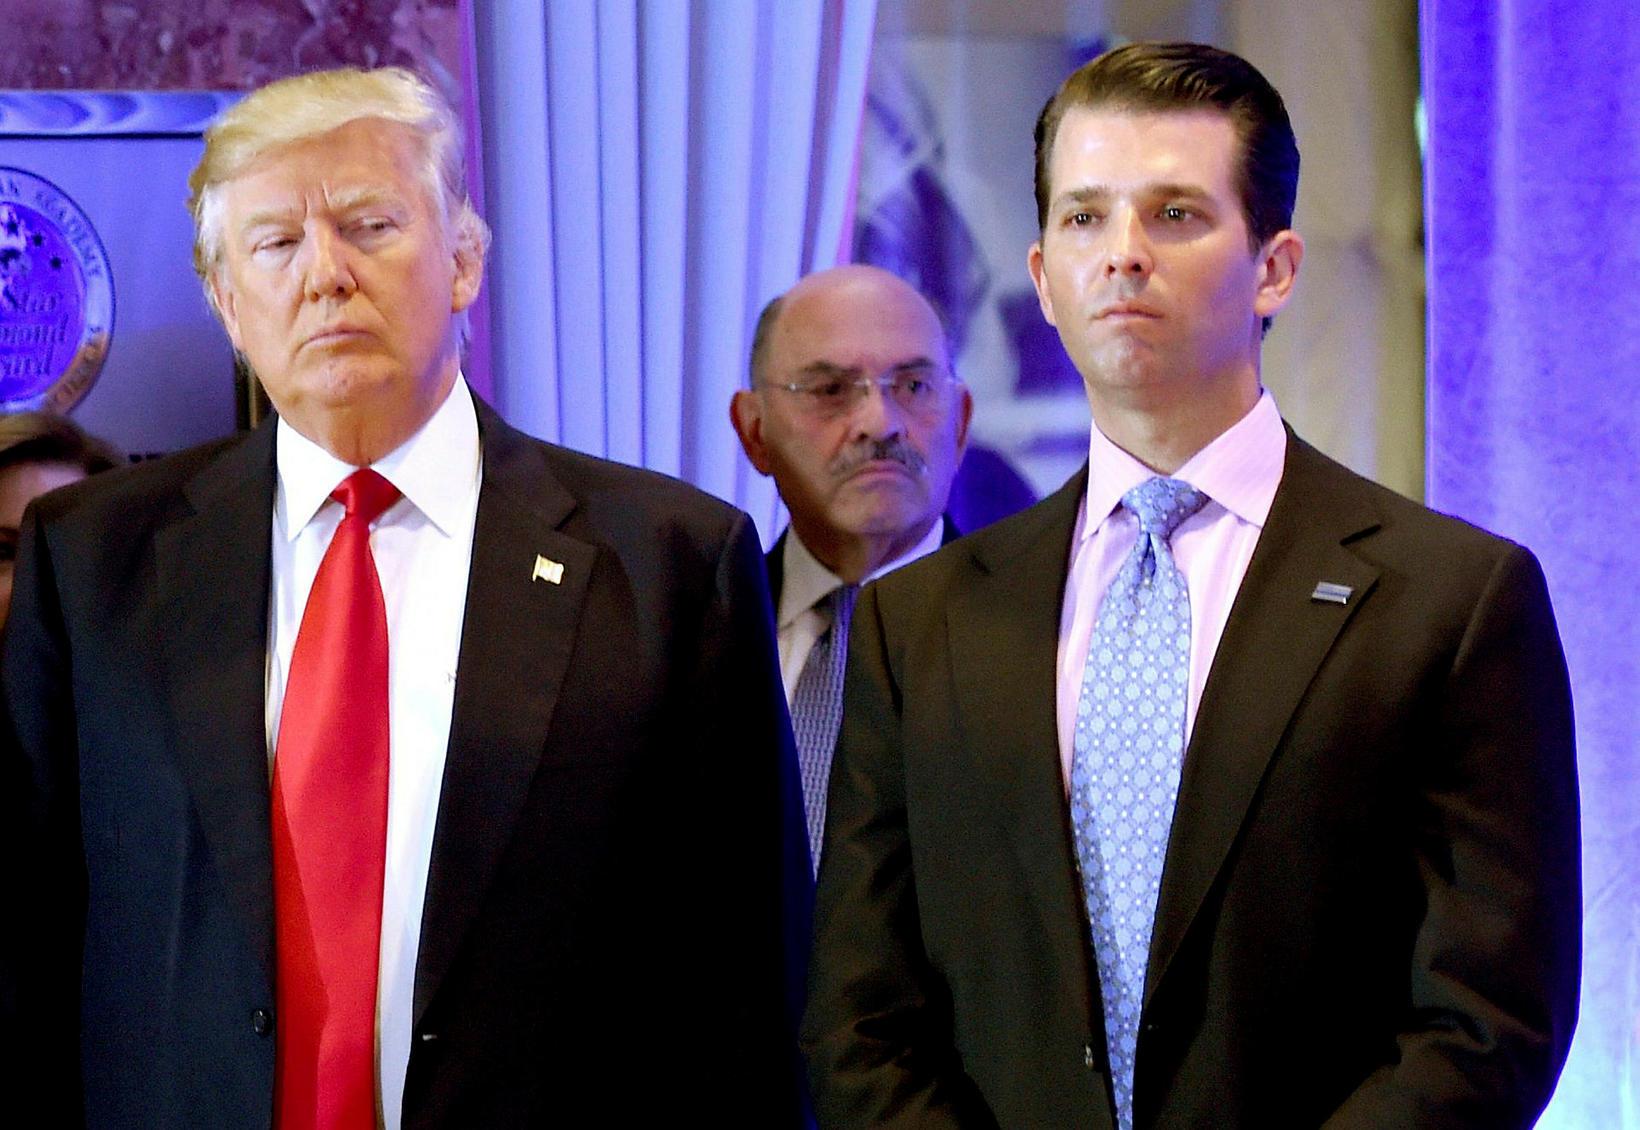 Donald Trump ásamt syni sínum Donald yngri. Í baksýn sést …